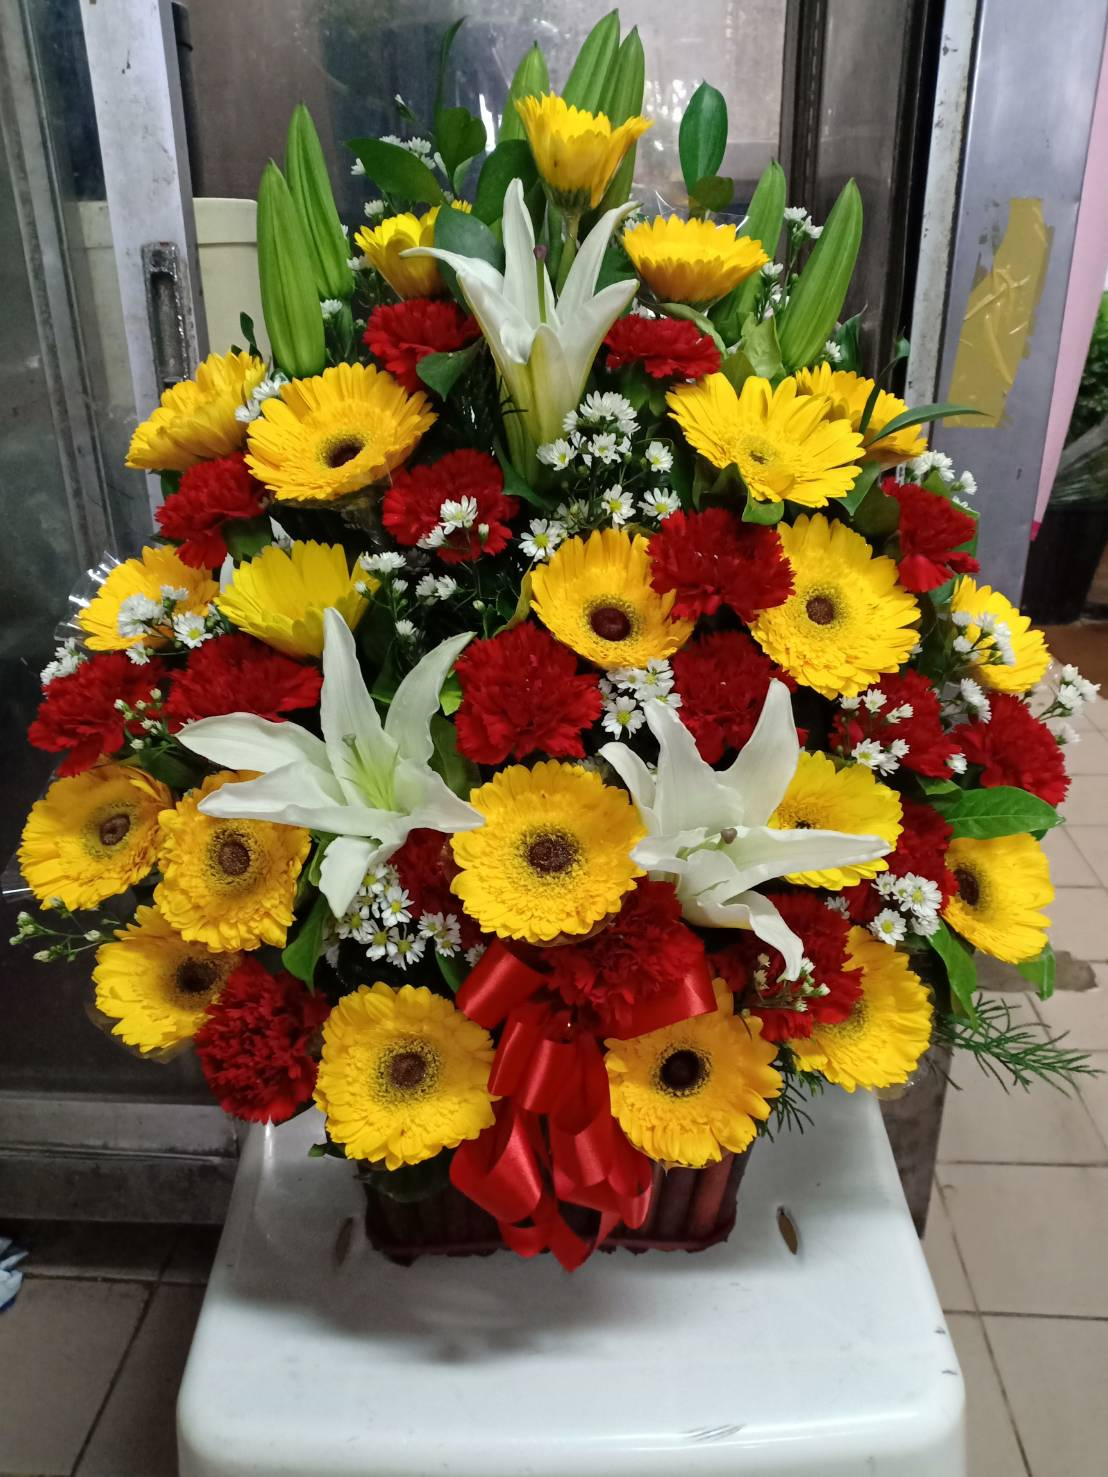 เต็มไปด้วยสีสันจริง ๆ สำหรับกระเช้าดอกไม้สำหรับคนพิเศษของคุณ